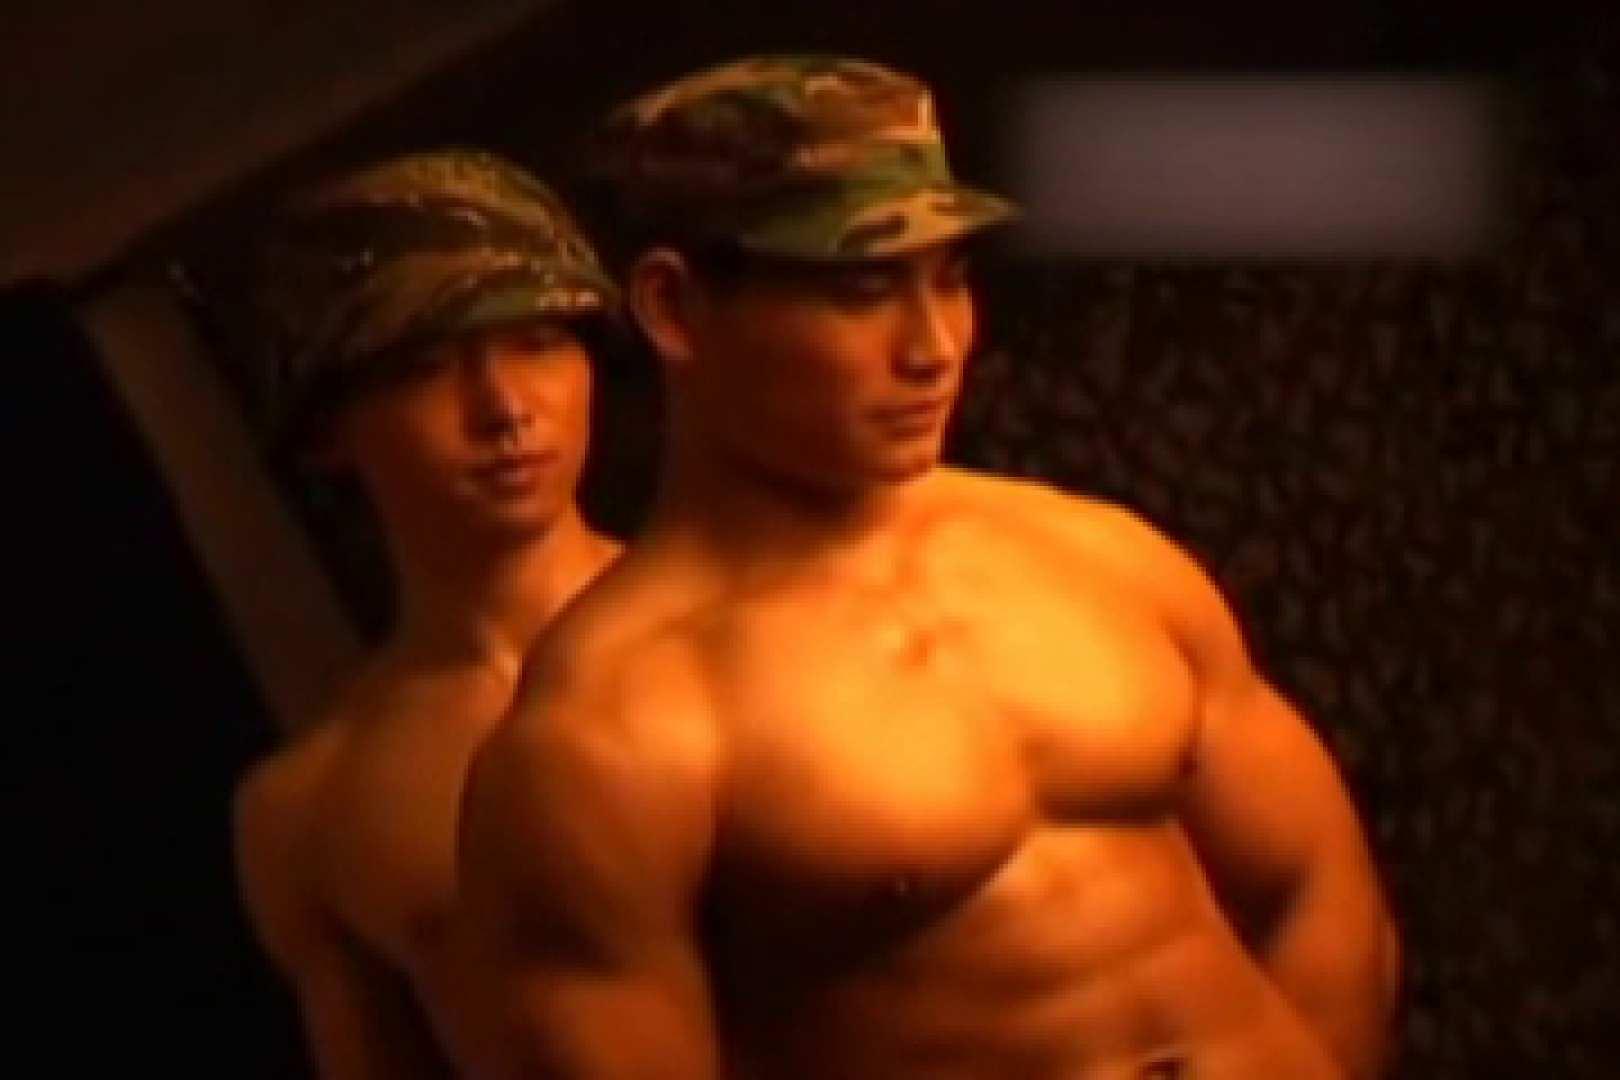 流出!!メンズスーパーモデル達のヌードinChina vol3 流出特集 ゲイ無修正動画画像 92枚 64